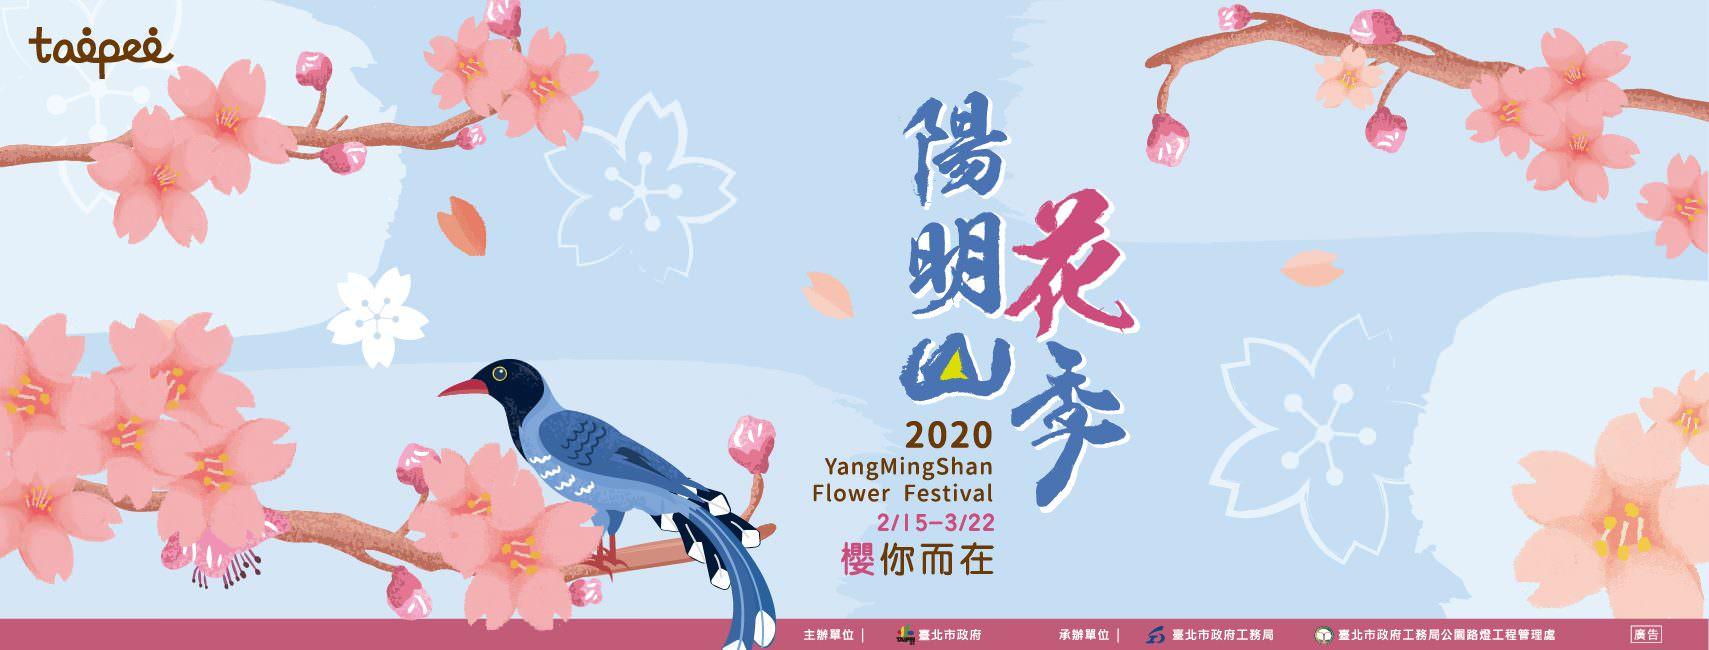 【2020陽明山花季】2/15~3/22櫻你而在!賞花路線、交管、住宿懶人包!